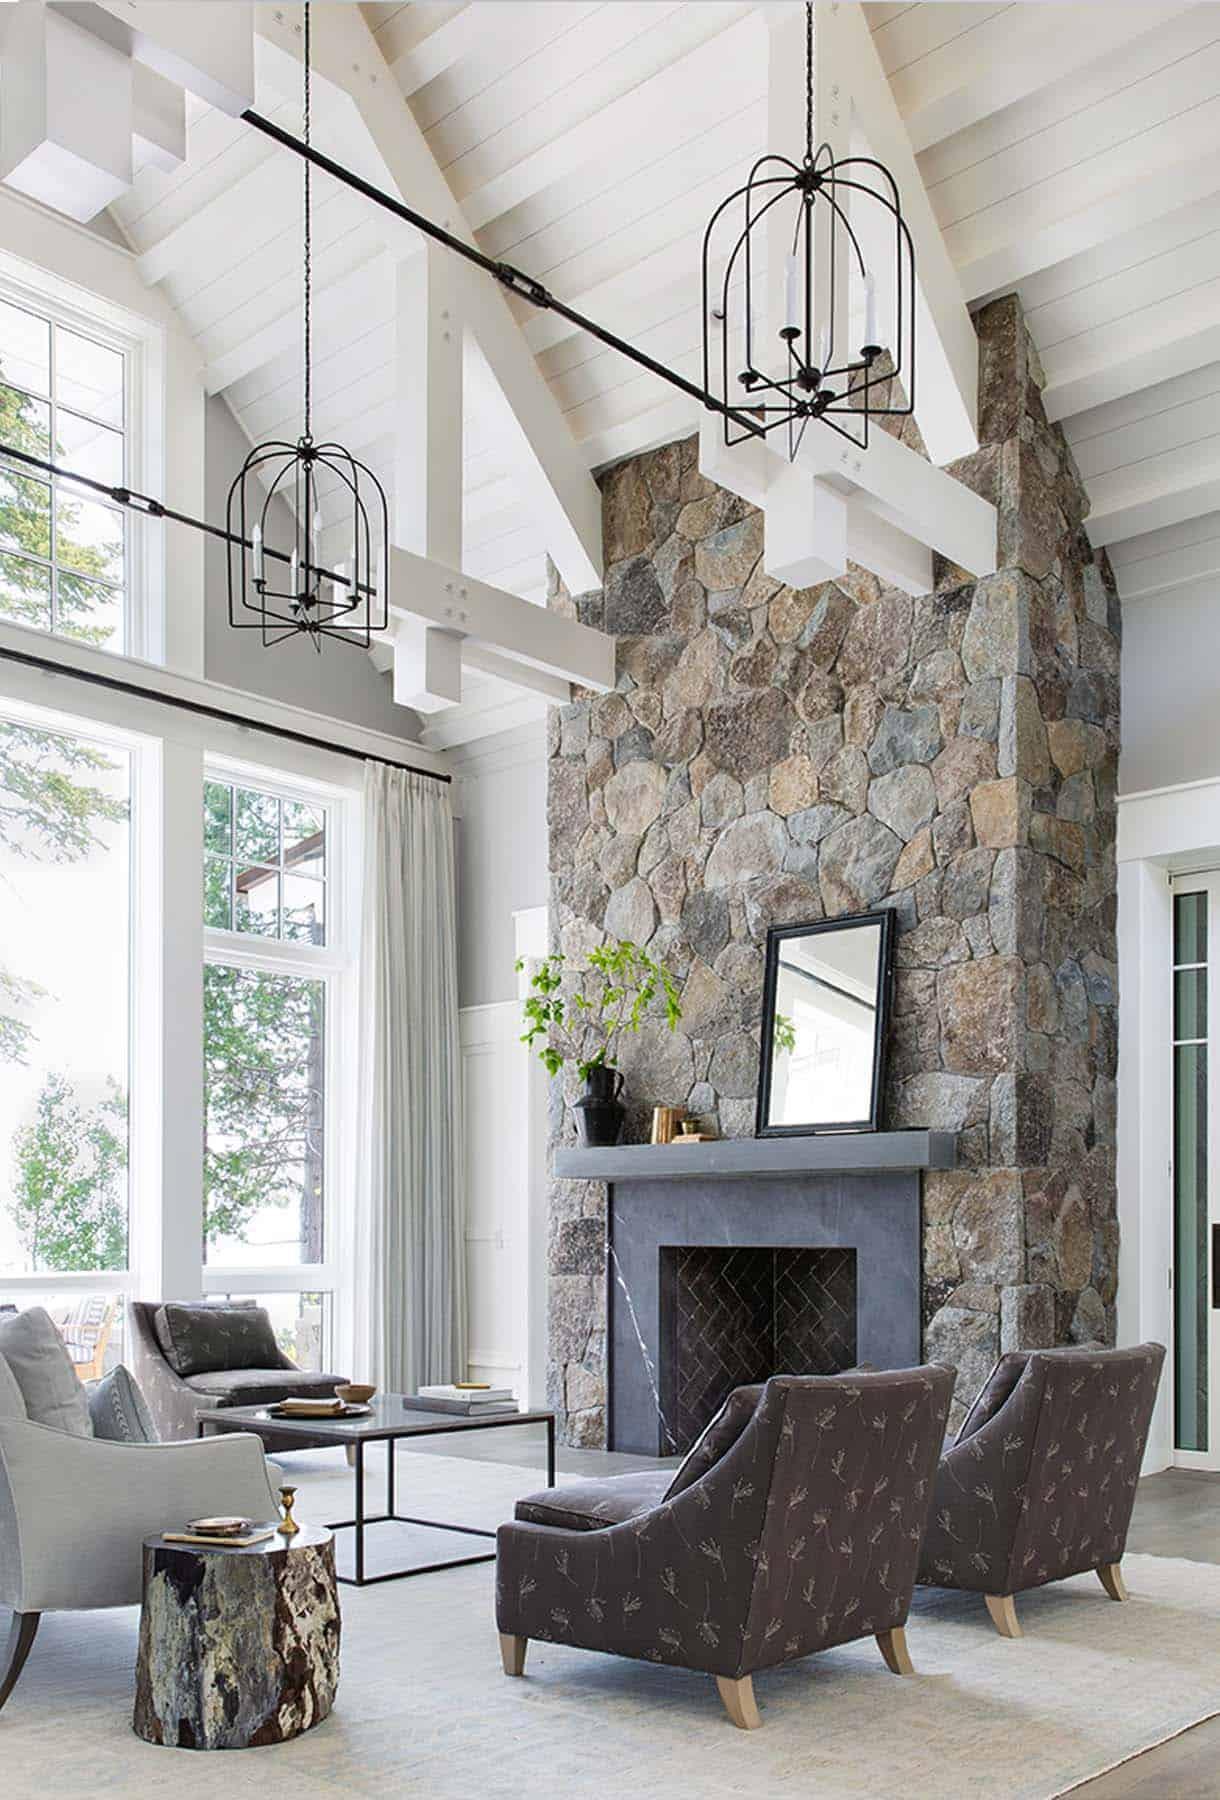 shingle-style-lake-house-living-room